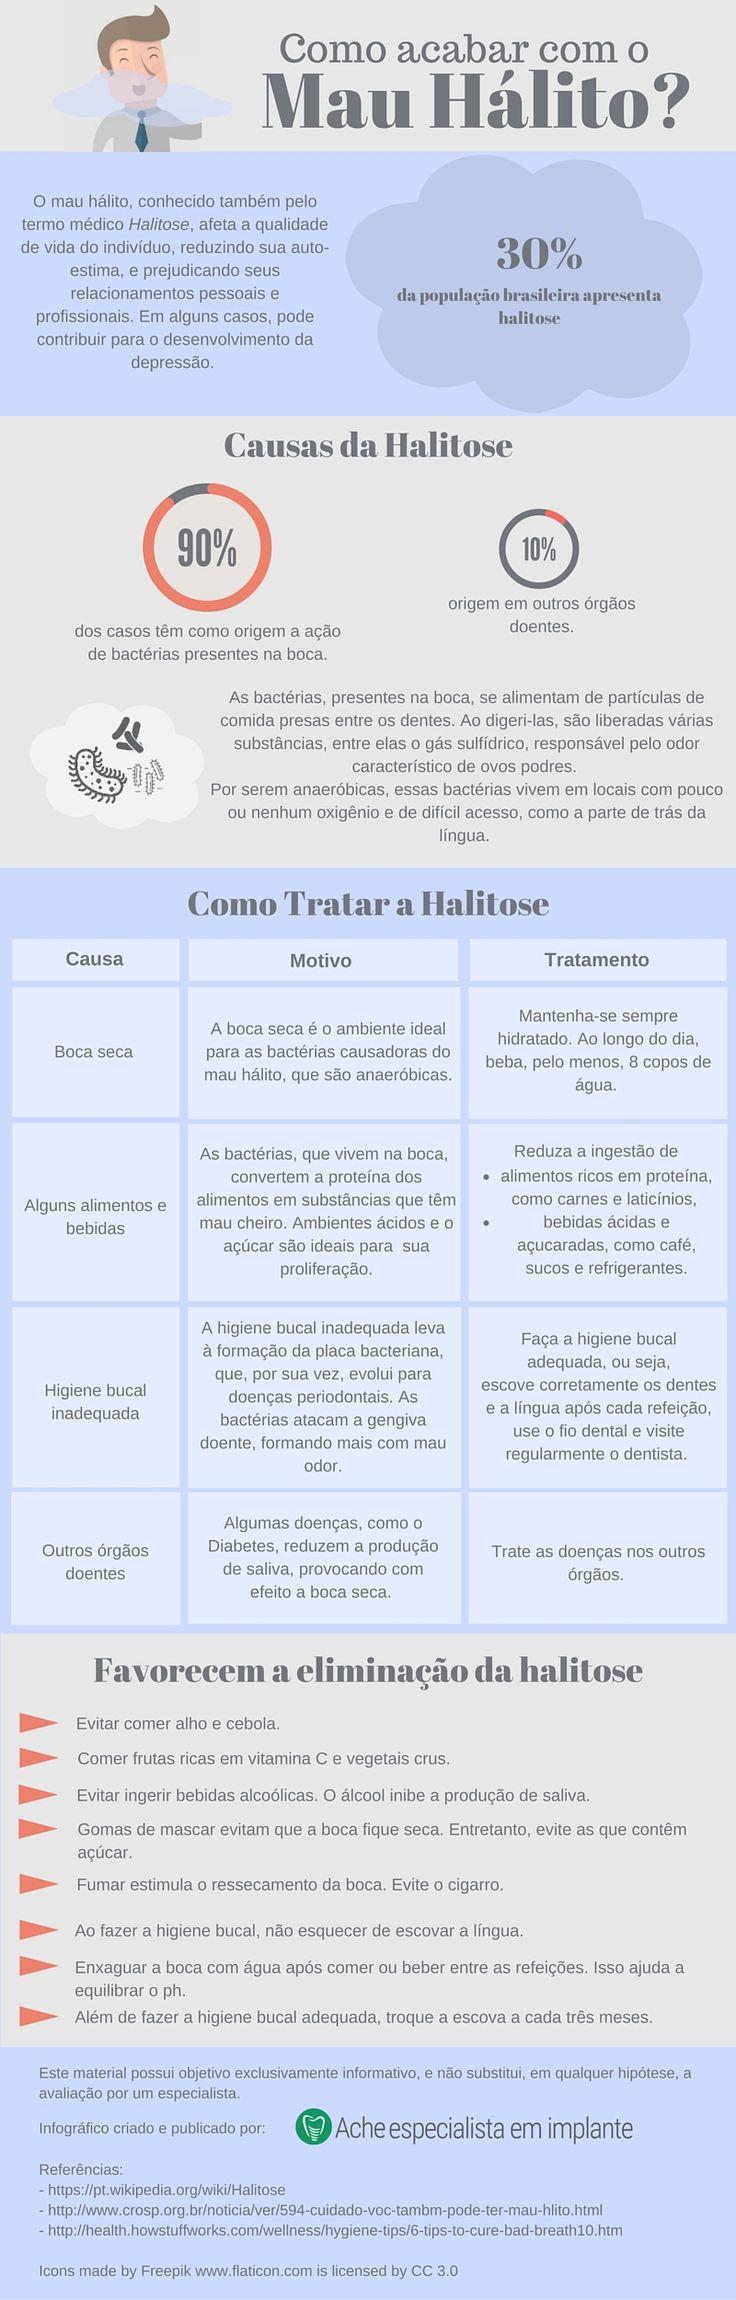 O mau hálito, também conhecido como Halitose, é um problema que afeta 30% da população. Conheça suas causas e como combatê-lo. http://acheespecialistaemimplante.com.br/como-combater-o-mau-halito/